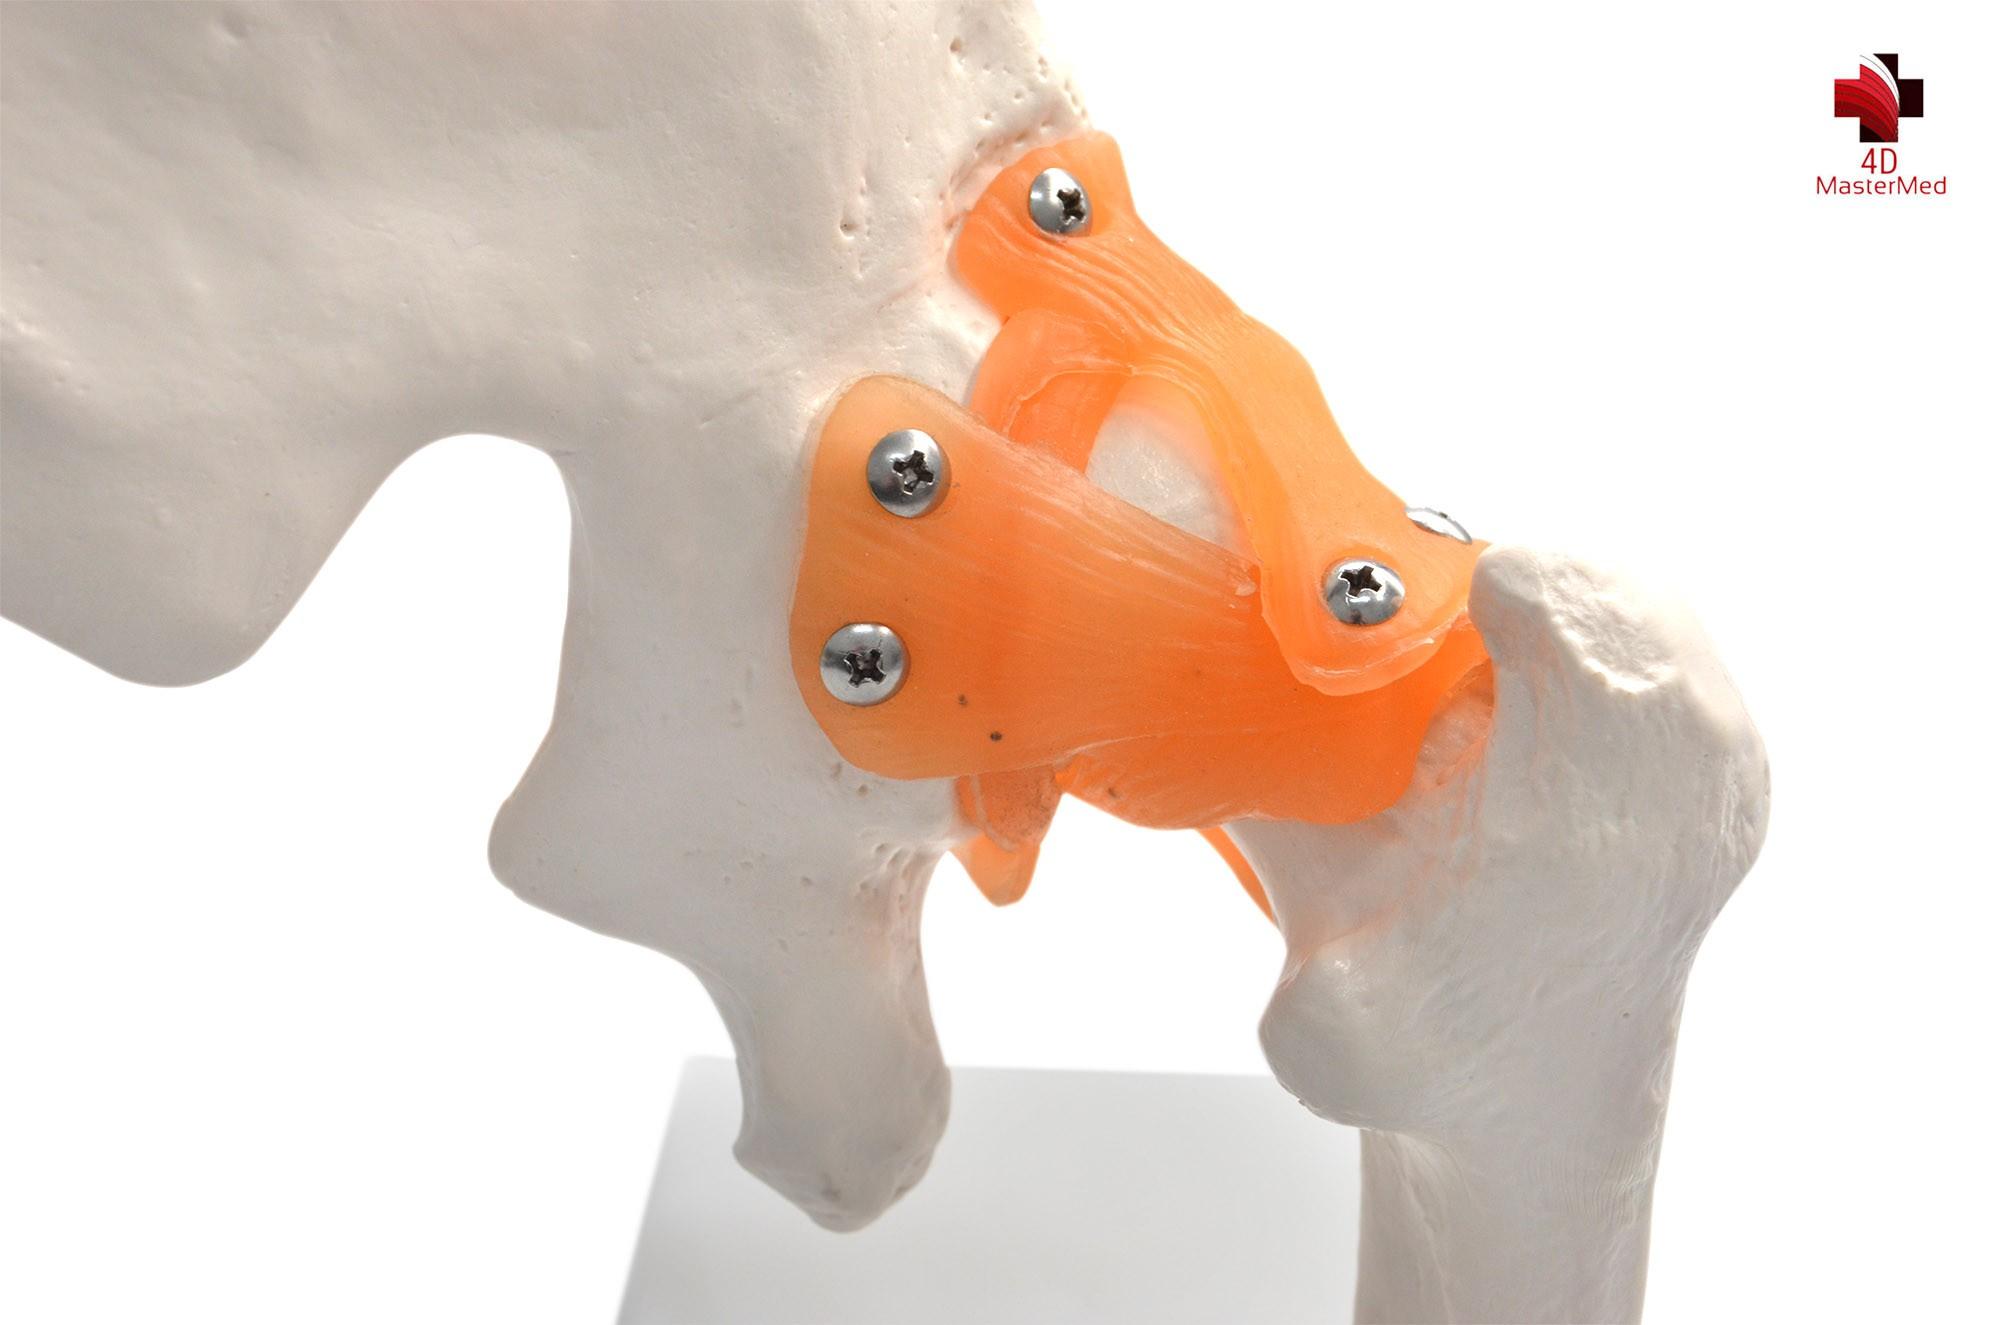 Anatomia da Articulação do Quadril com Ligamento